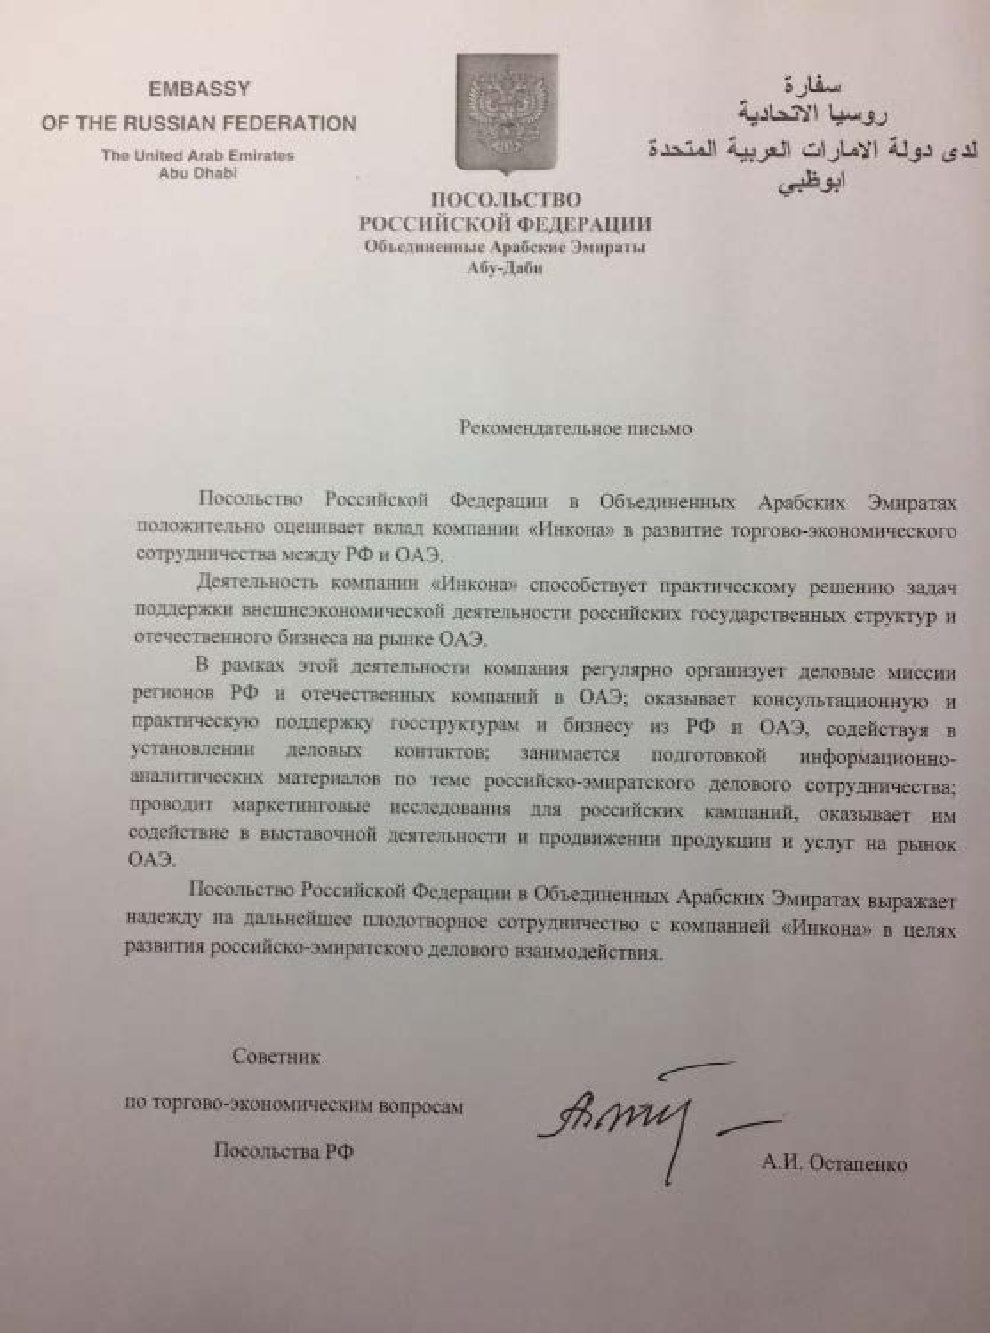 Посольство Российской Федерации в Объединенных Арабских Эмиратах